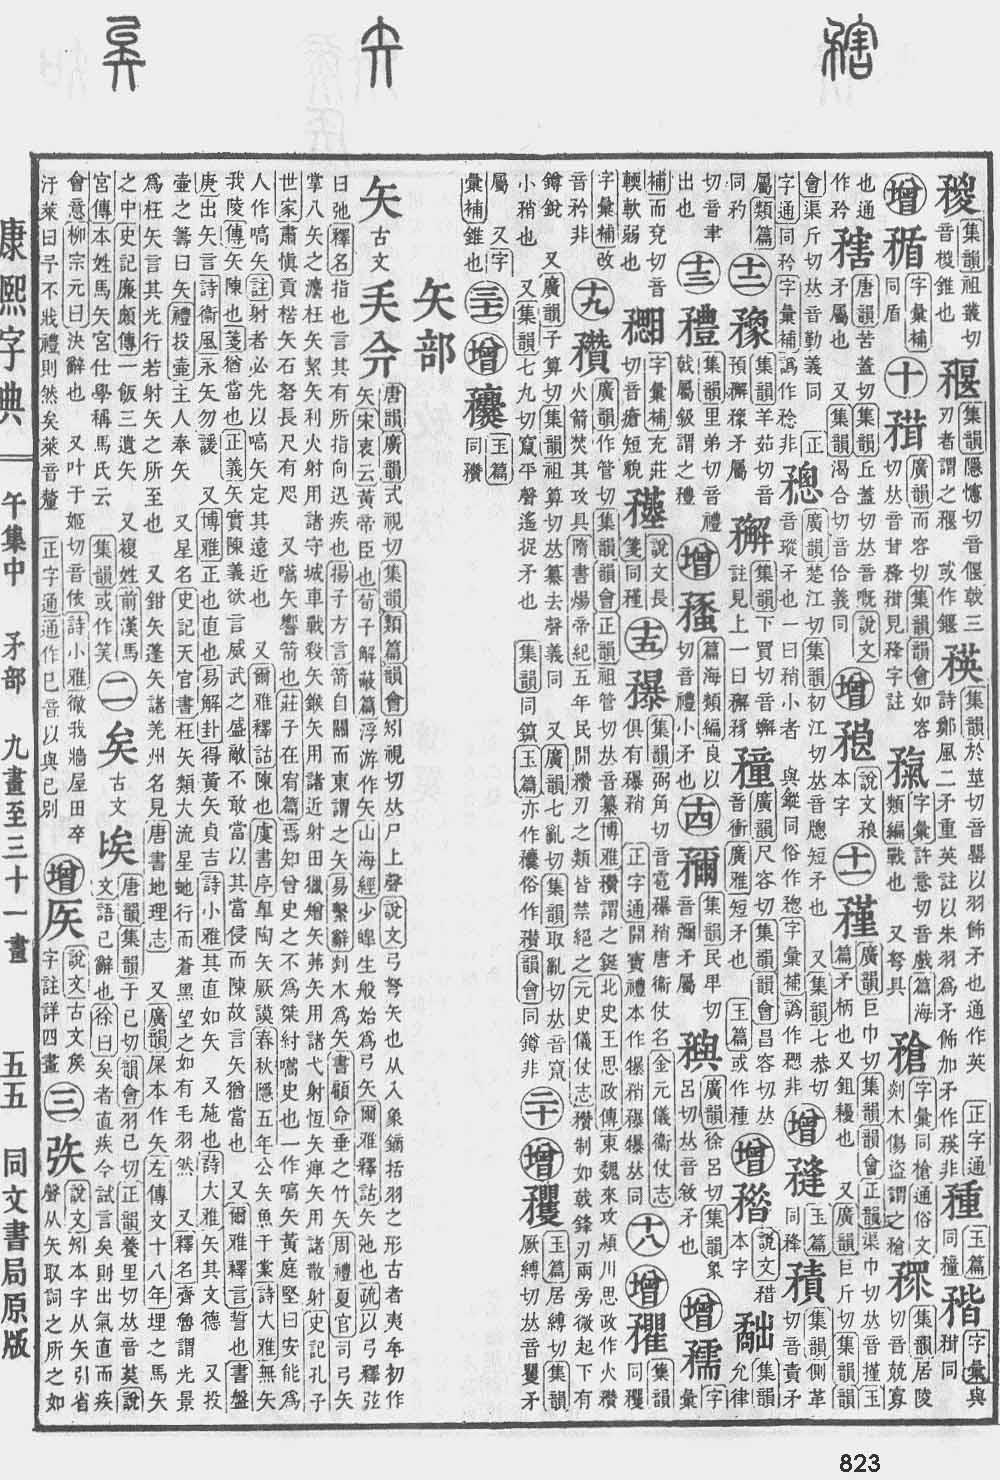 《康熙字典》第823页